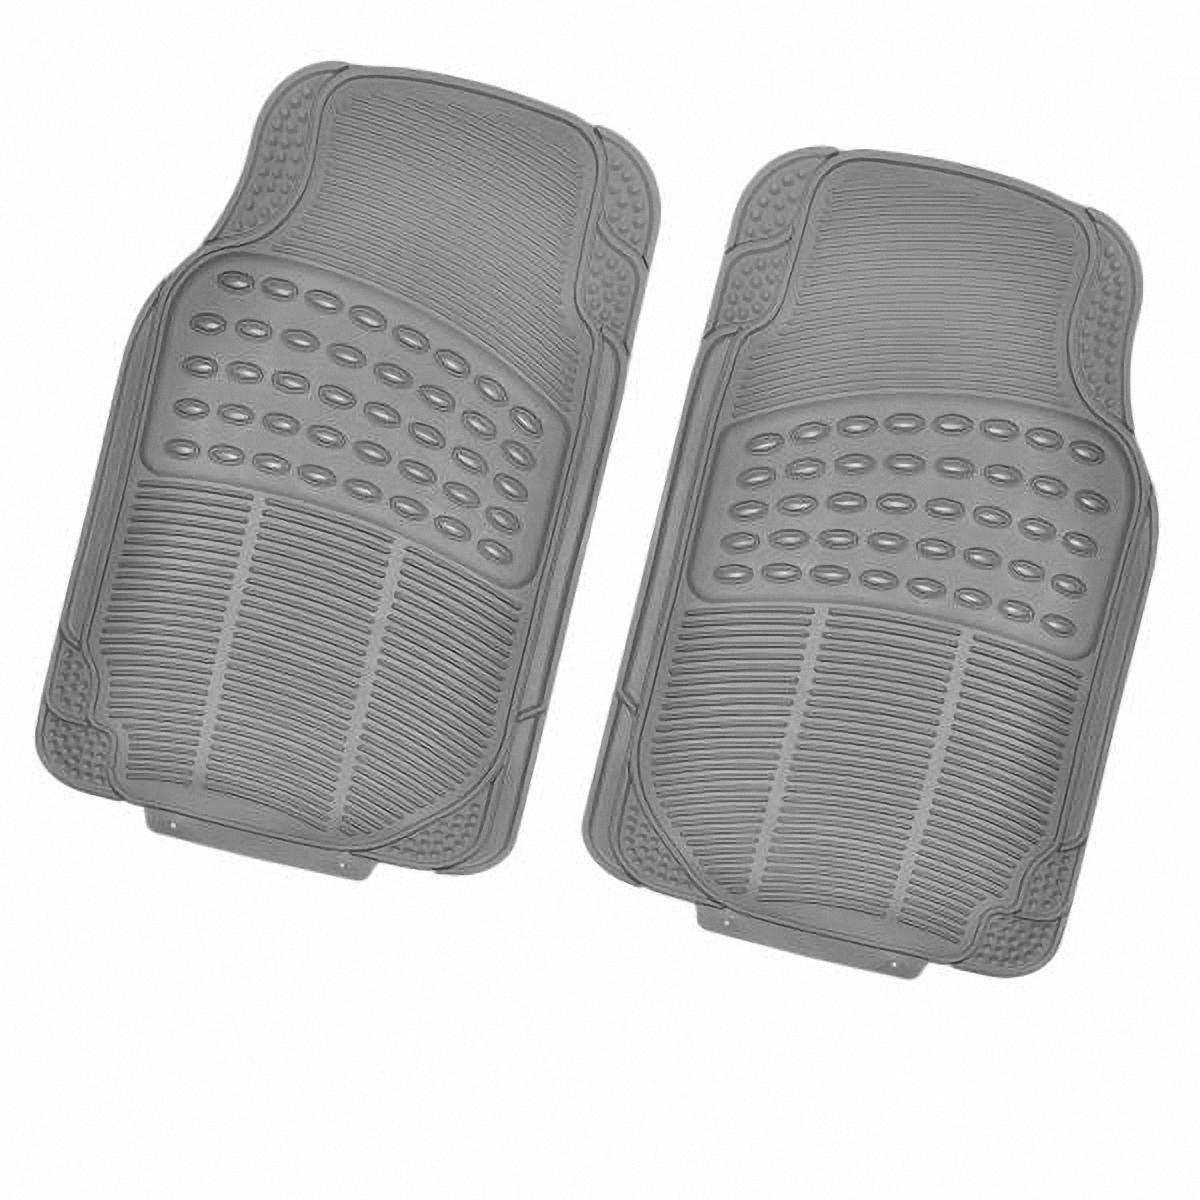 Коврик в салон автомобиля Skyway, передний, цвет: серый, 71 х 44,5 см, 2 штS01701011Комплект универсальных передних ковриков салона сохраняет эластичность даже при экстремально низких и высоких температурах (от -50°С до +50°С). Обладает повышенной устойчивостью к износу и агрессивным средам, таким как антигололёдные реагенты, масло и топливо. Усовершенствованная конструкция изделия обеспечивает плотное прилегание и надёжную фиксацию коврика на полу автомобиля. Размер: 71 х 44,5 см. Комплектация: 2 шт.